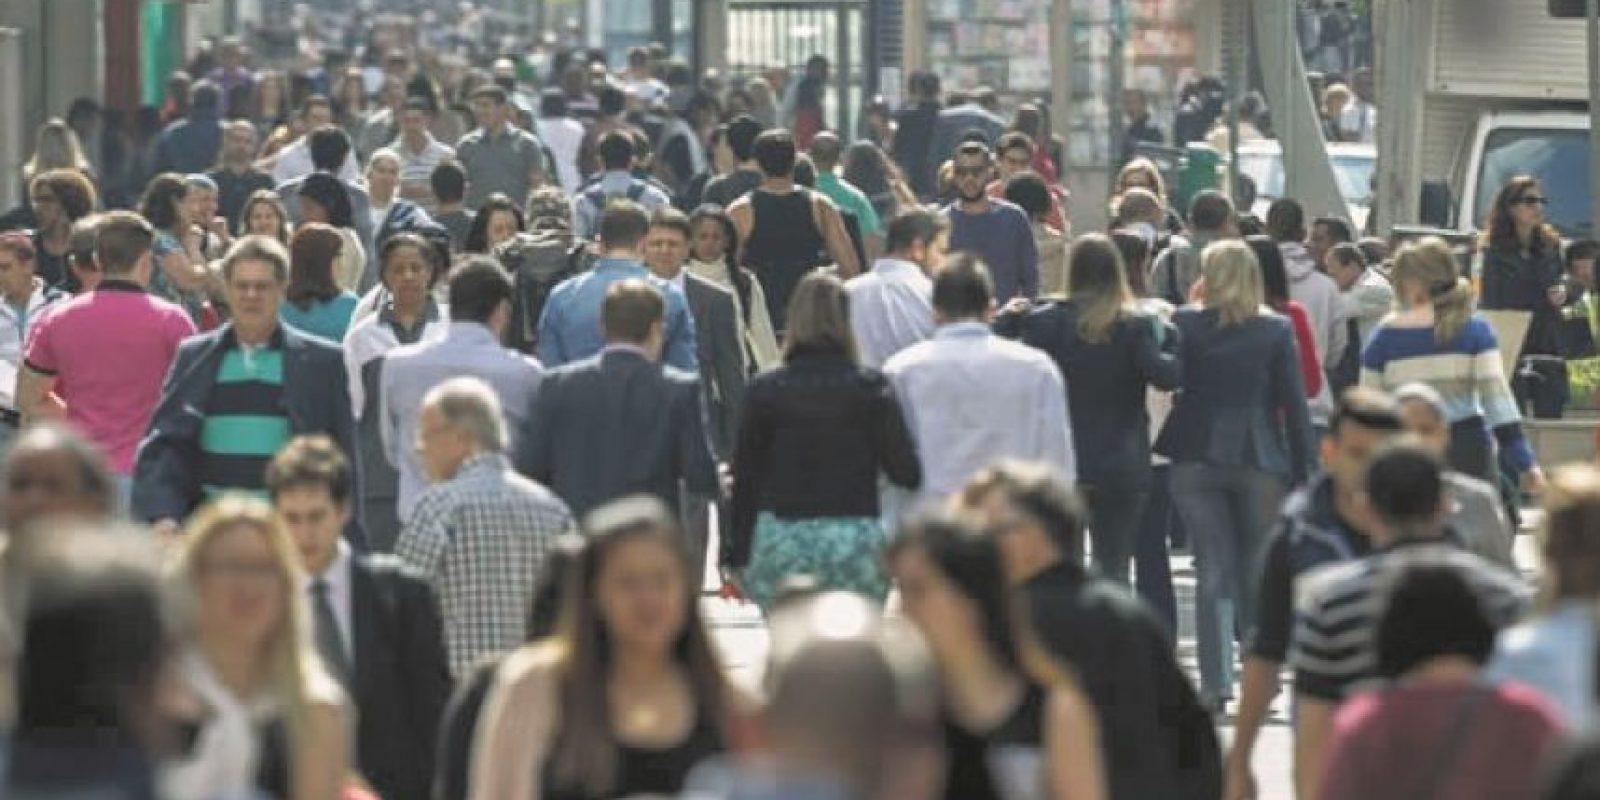 Población económicamente activa • El 51 % de las mujeres está en edad productiva, pero solo el 40.2 % lo hace .• En la clase baja solo el 28.8% de las mujeres está en el mercado laboral. • En la clase media y alta la paridad laboral es de 47.7 % mujeres frente al 52.3% de hombres. • En la Tasa Global de Participación, el 70.5 % de los hombres genera ingresos frente al 46.7 % de las mujeres. • De 15 a 24 años, el 37 % de las mujeres no labora, frente a un 69.9 % en el marco de 25 a 44 años que se supone son las edades más productivas. De 45 a 64 años hay un 56.9 %. • En la tasa de participación laboral femenina hay un 45.5 % urbana y 34.9 % rural. • Por cada 100 hombres en indigencia hay 145 mujeres en la zona urbana y 168 en la rural. Foto:Fuente externa